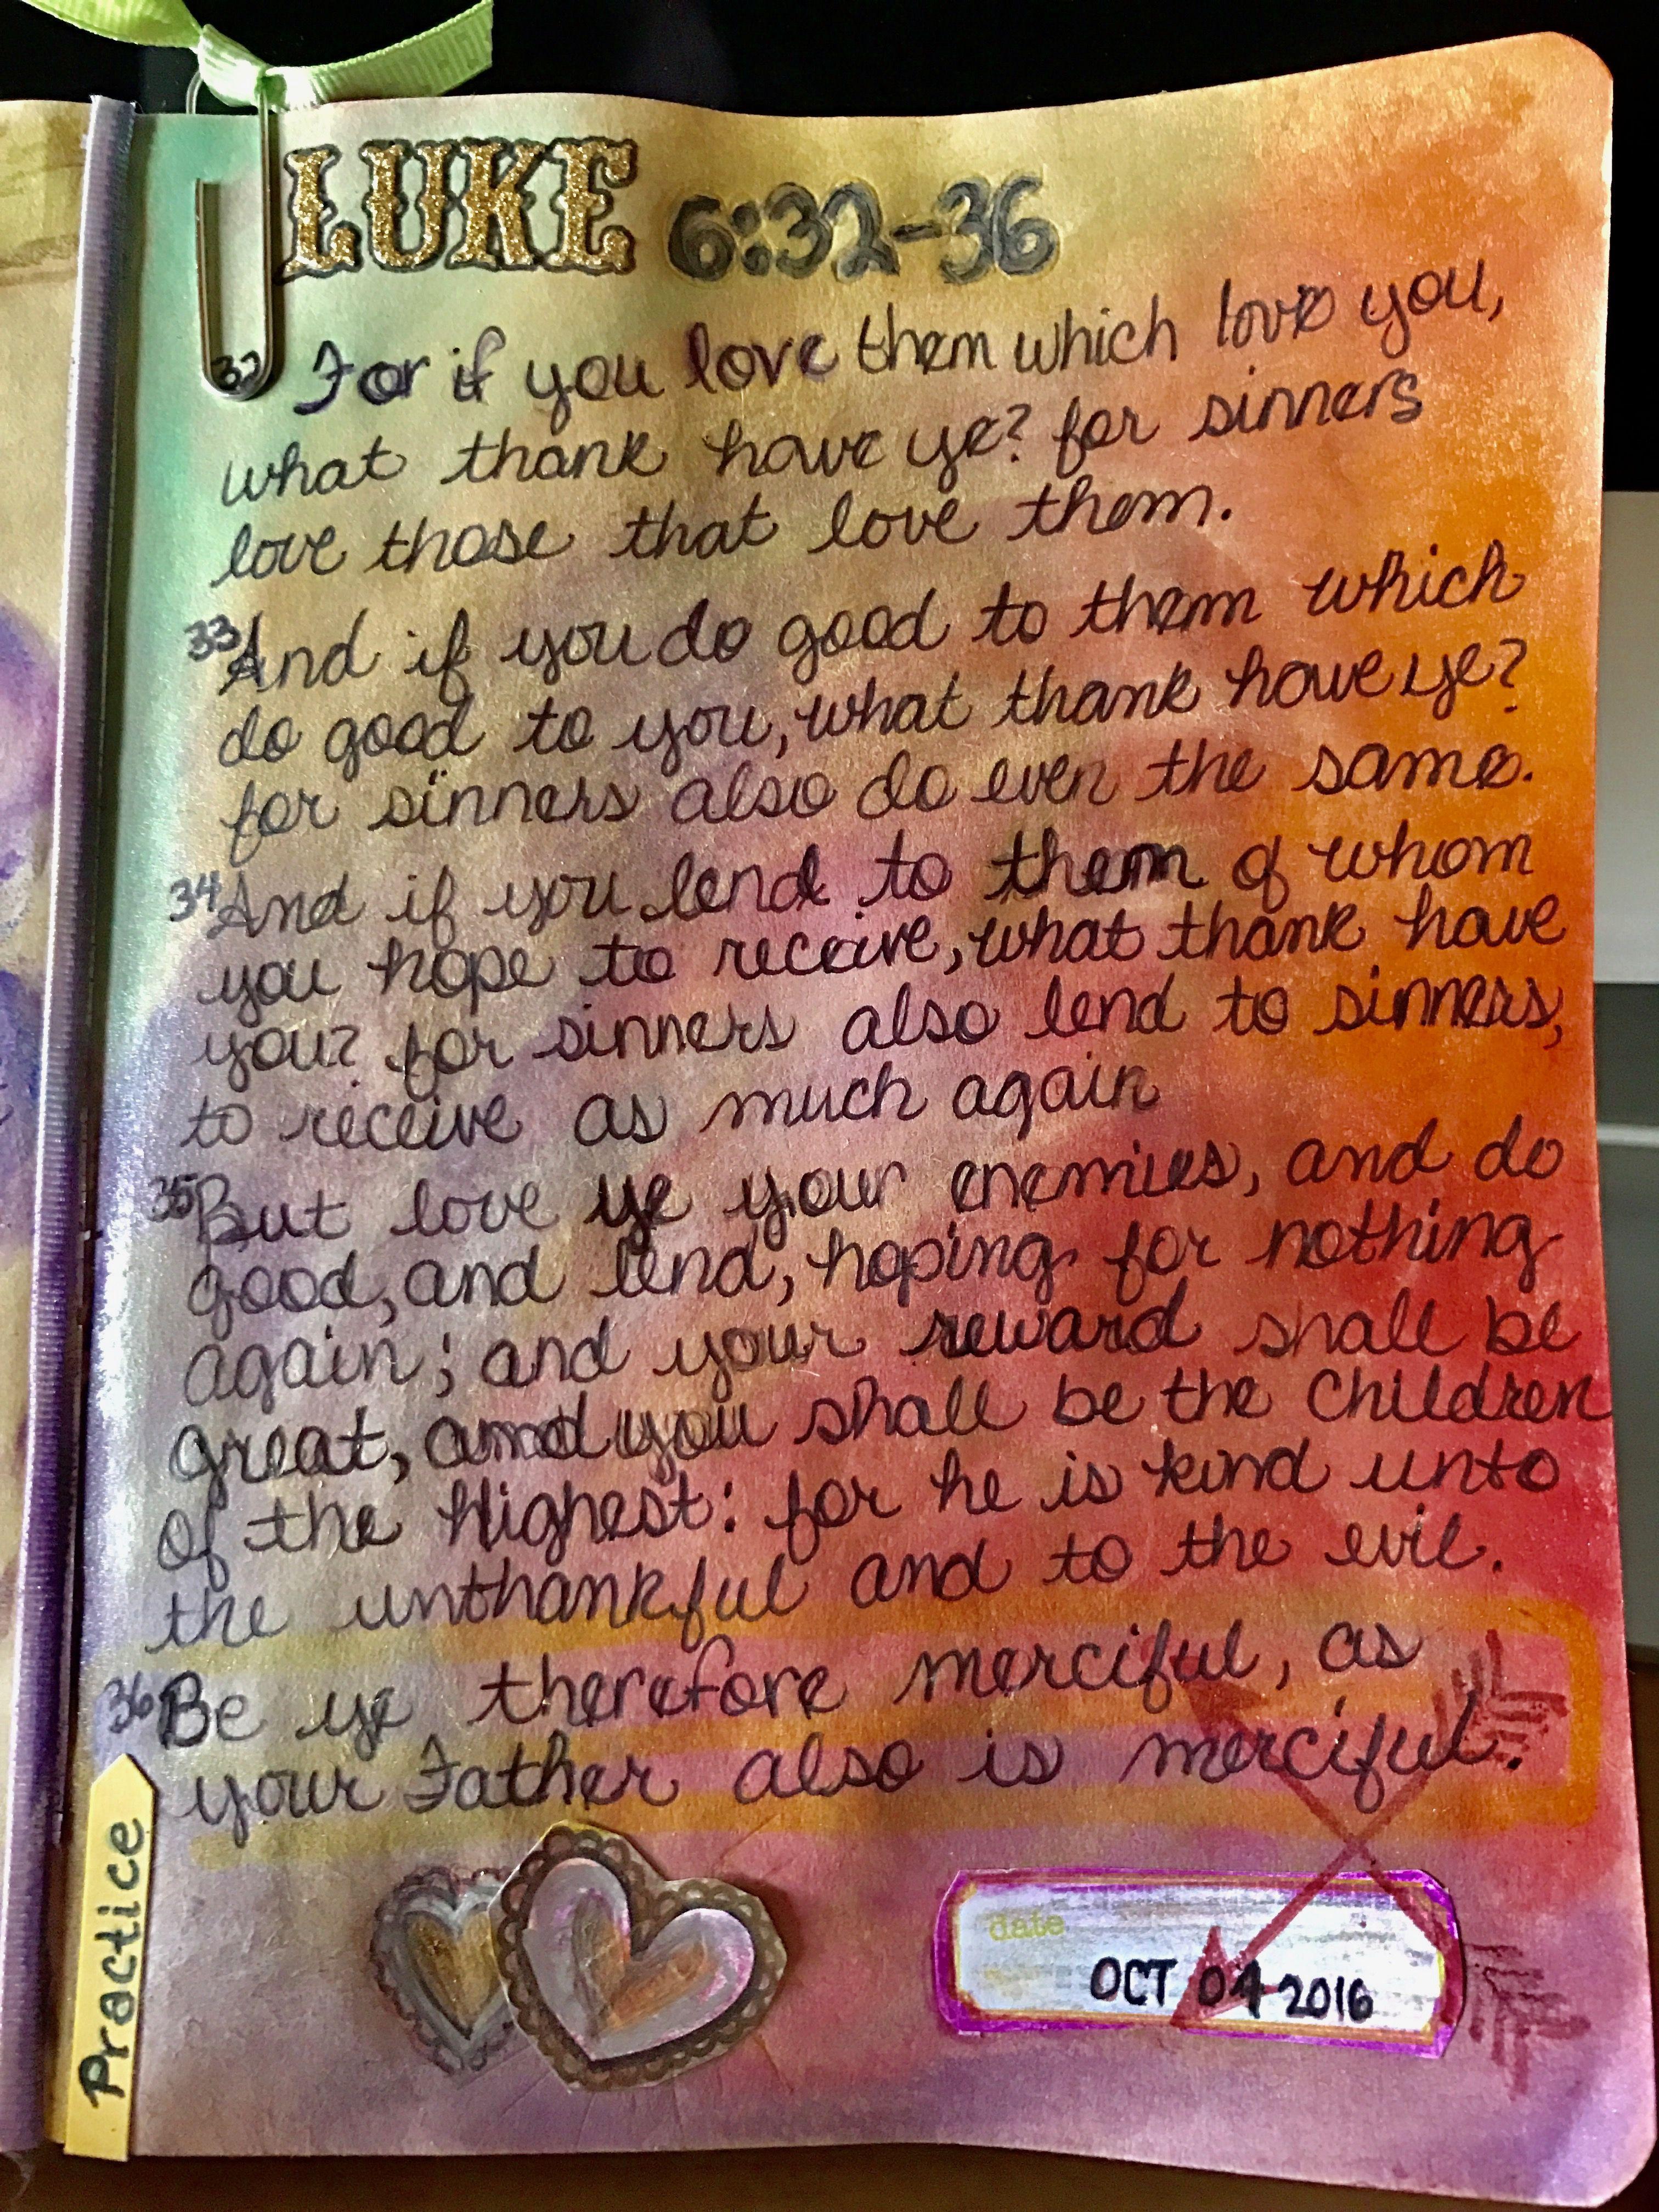 Luke6:32-36